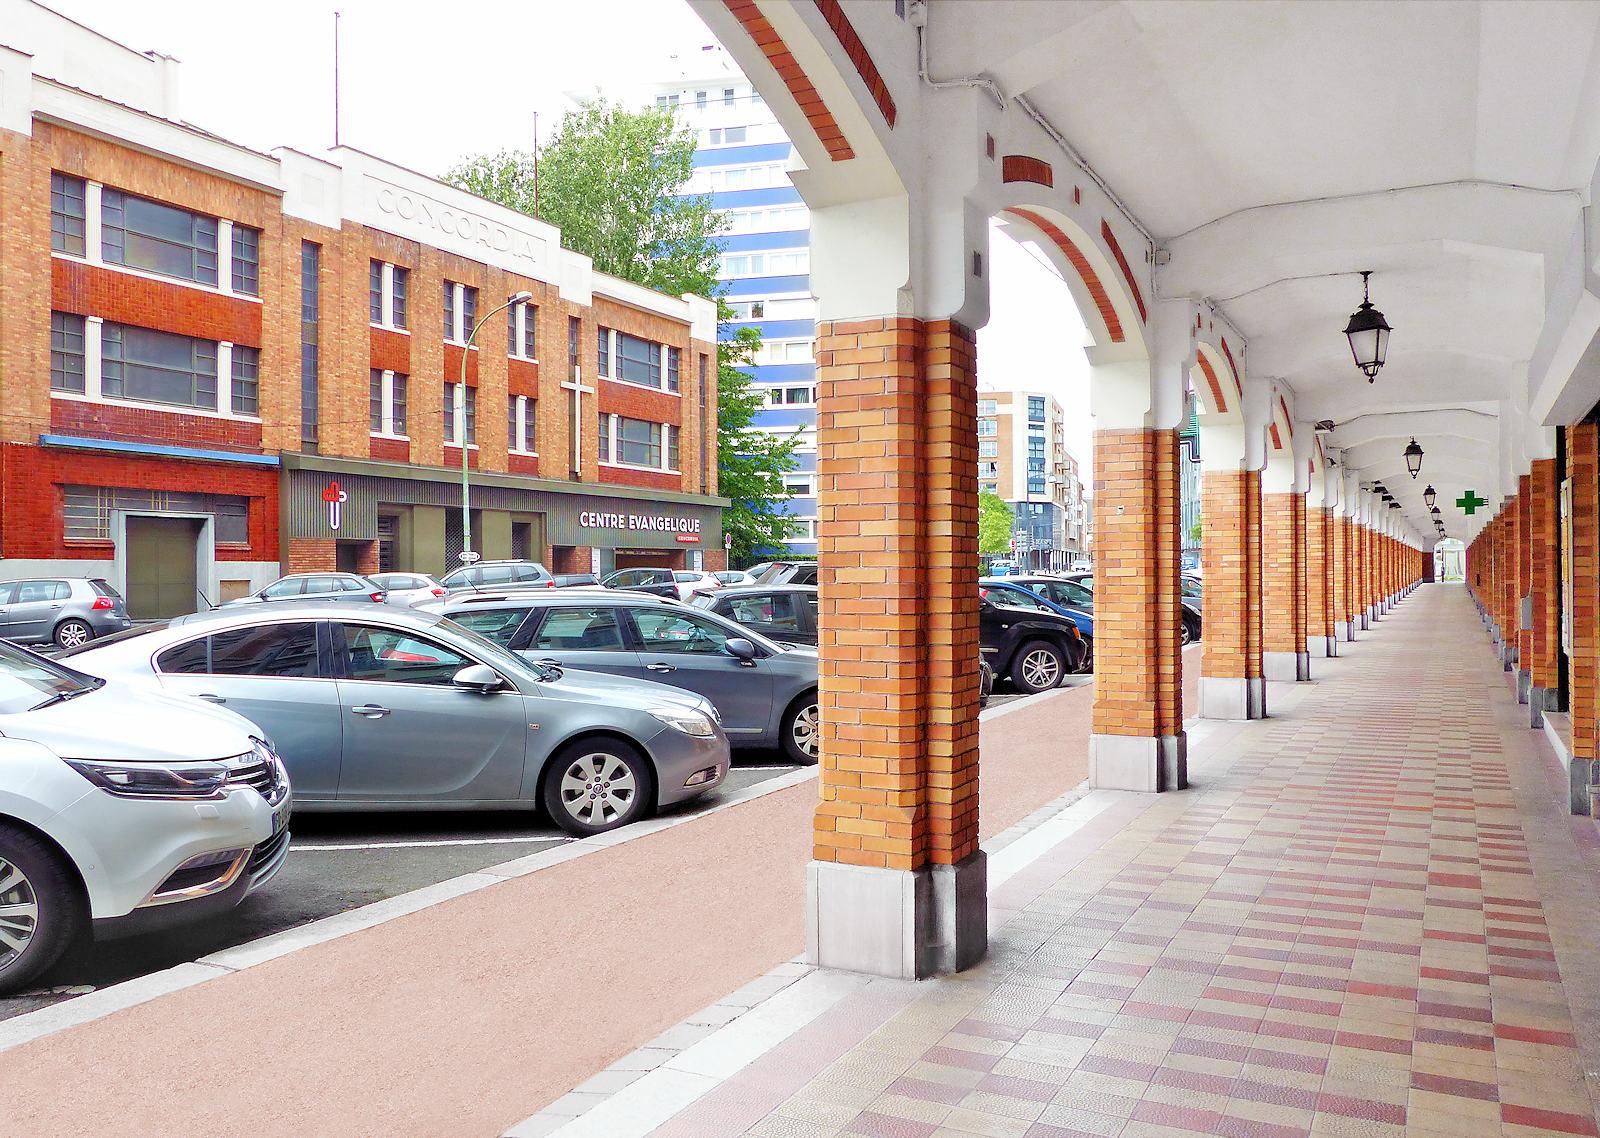 Arcades Tourcoing - Centre Évangélique Concordia, avenue Dron